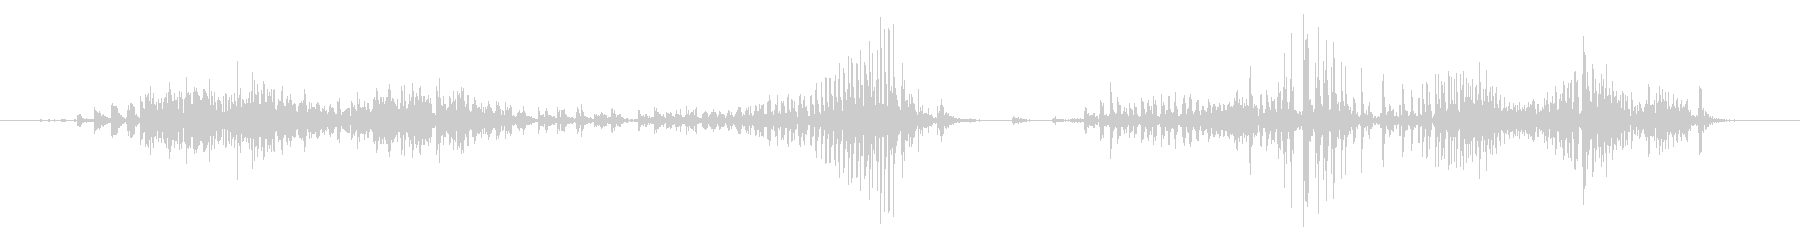 ジー(ポーチのジッパー閉じる音)の未再生の波形